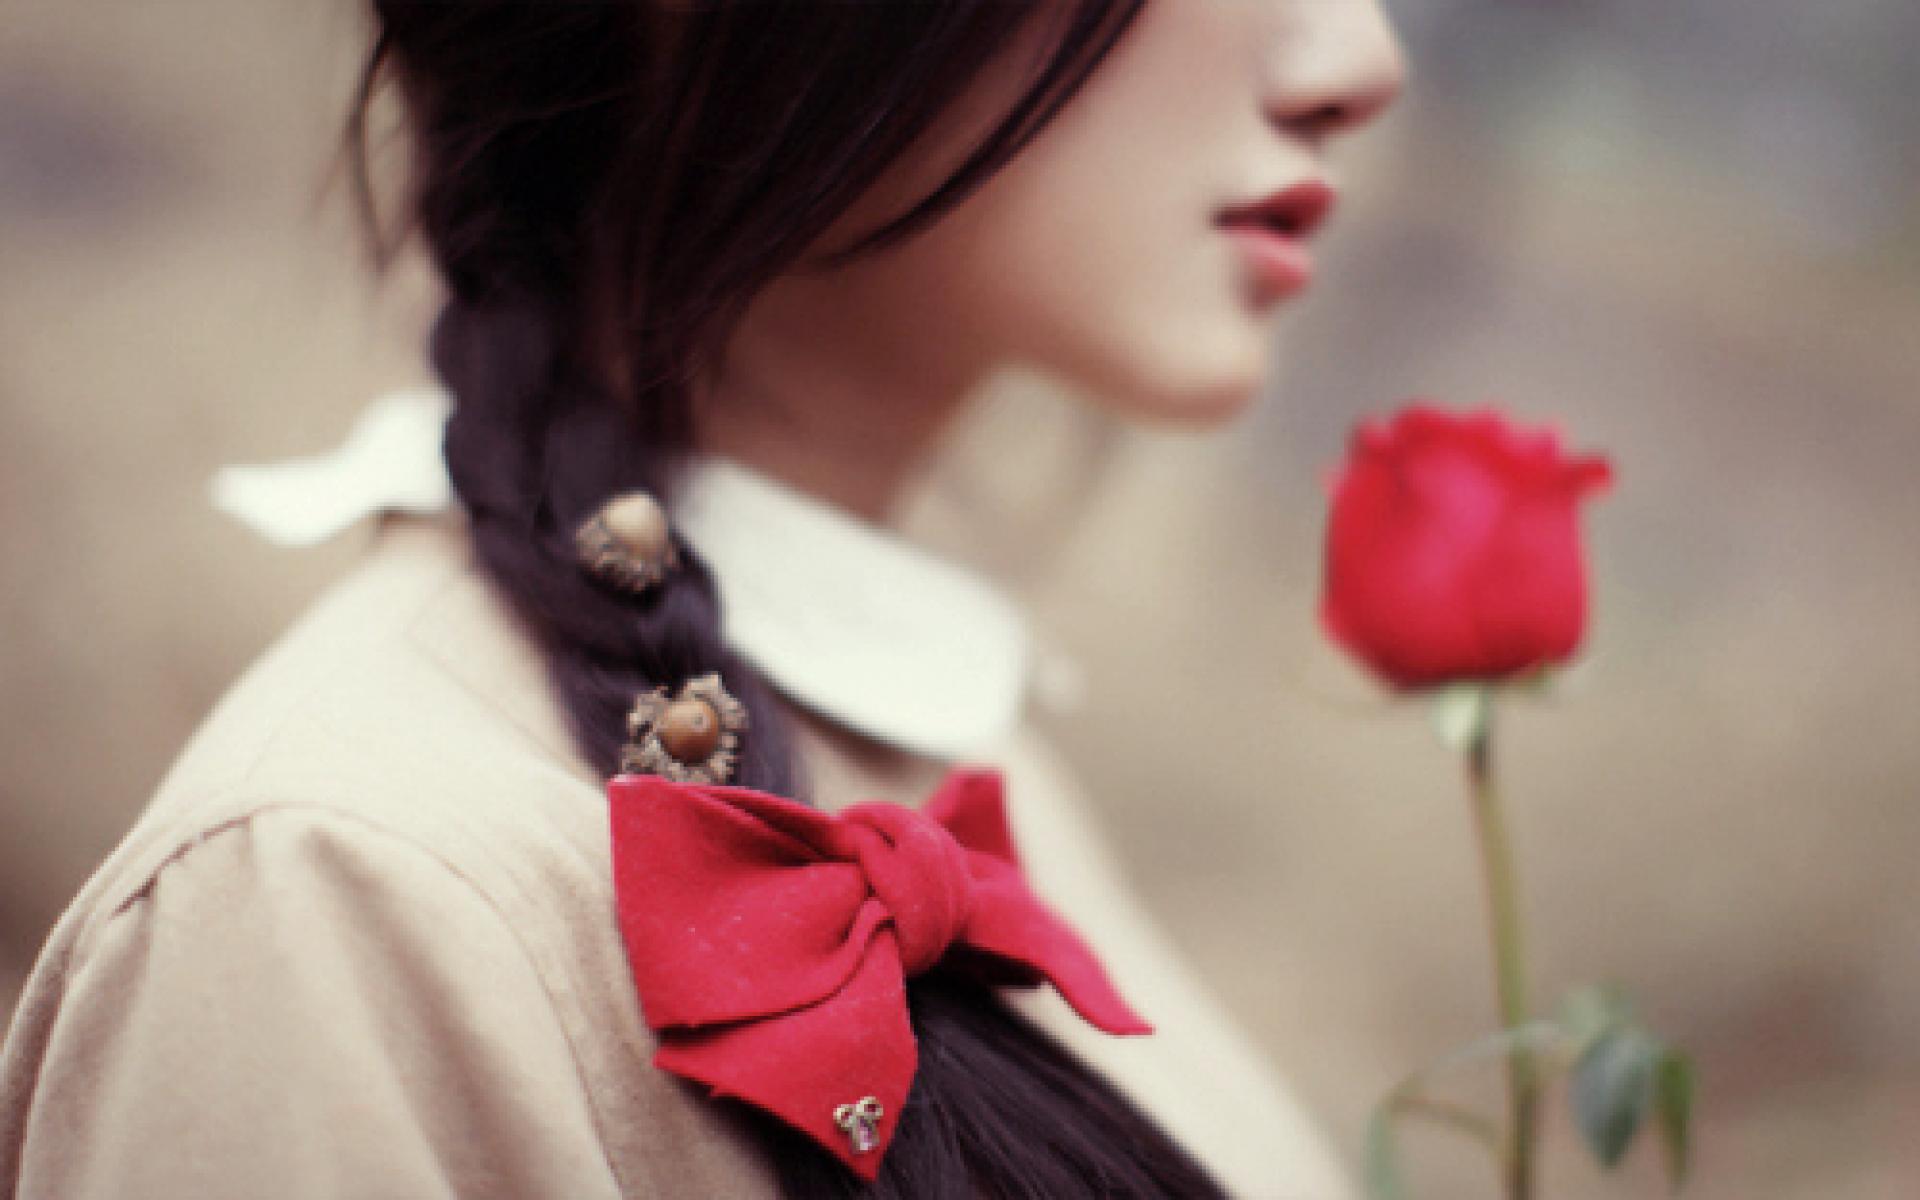 Sự bao dung của đàn bà chỉ là vô nghĩa với một người đã thay lòng - Ảnh 3